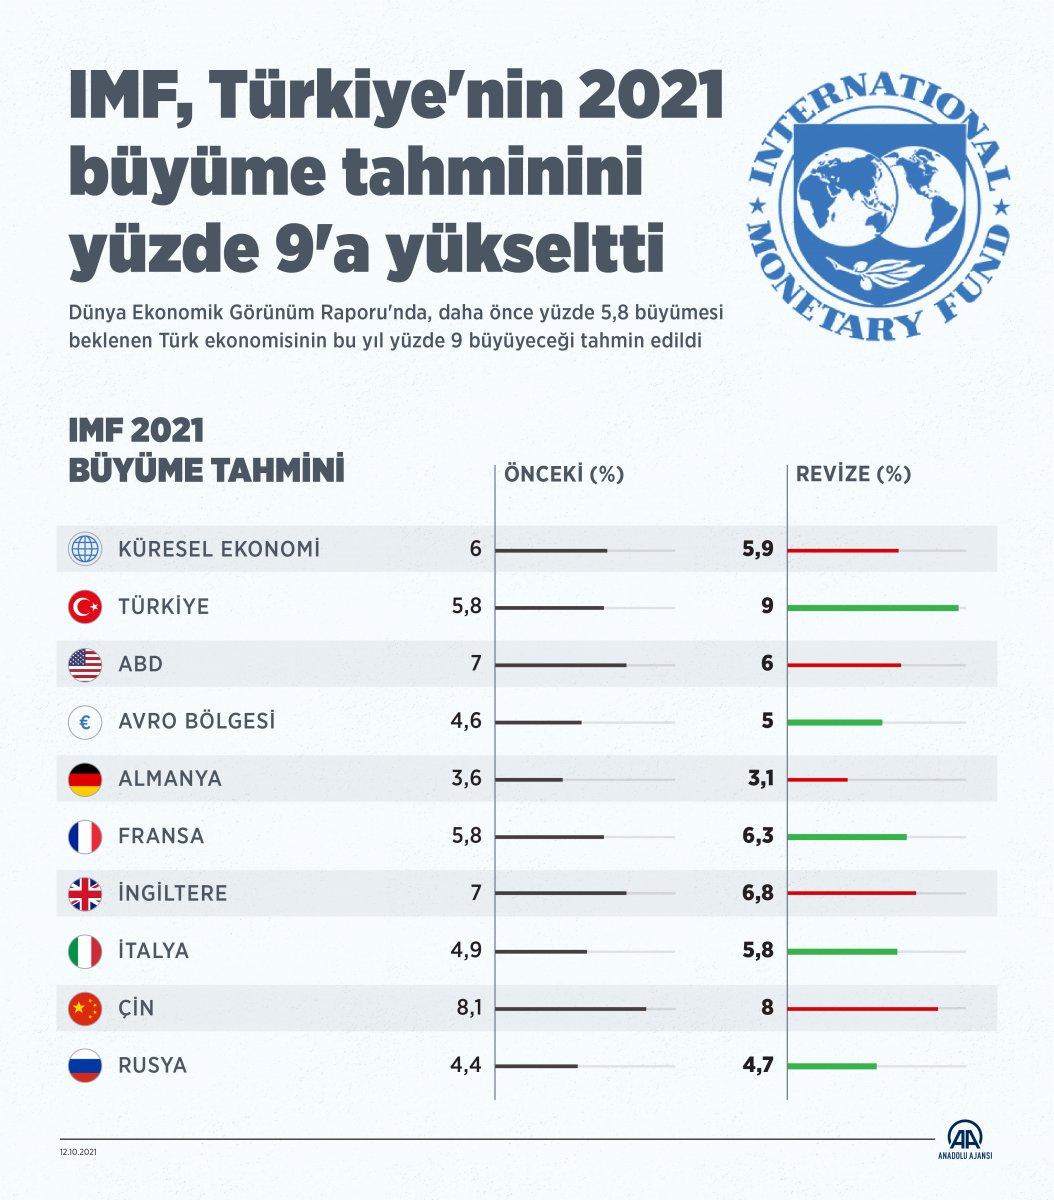 IMF den Türkiye için büyüme tahmini #2